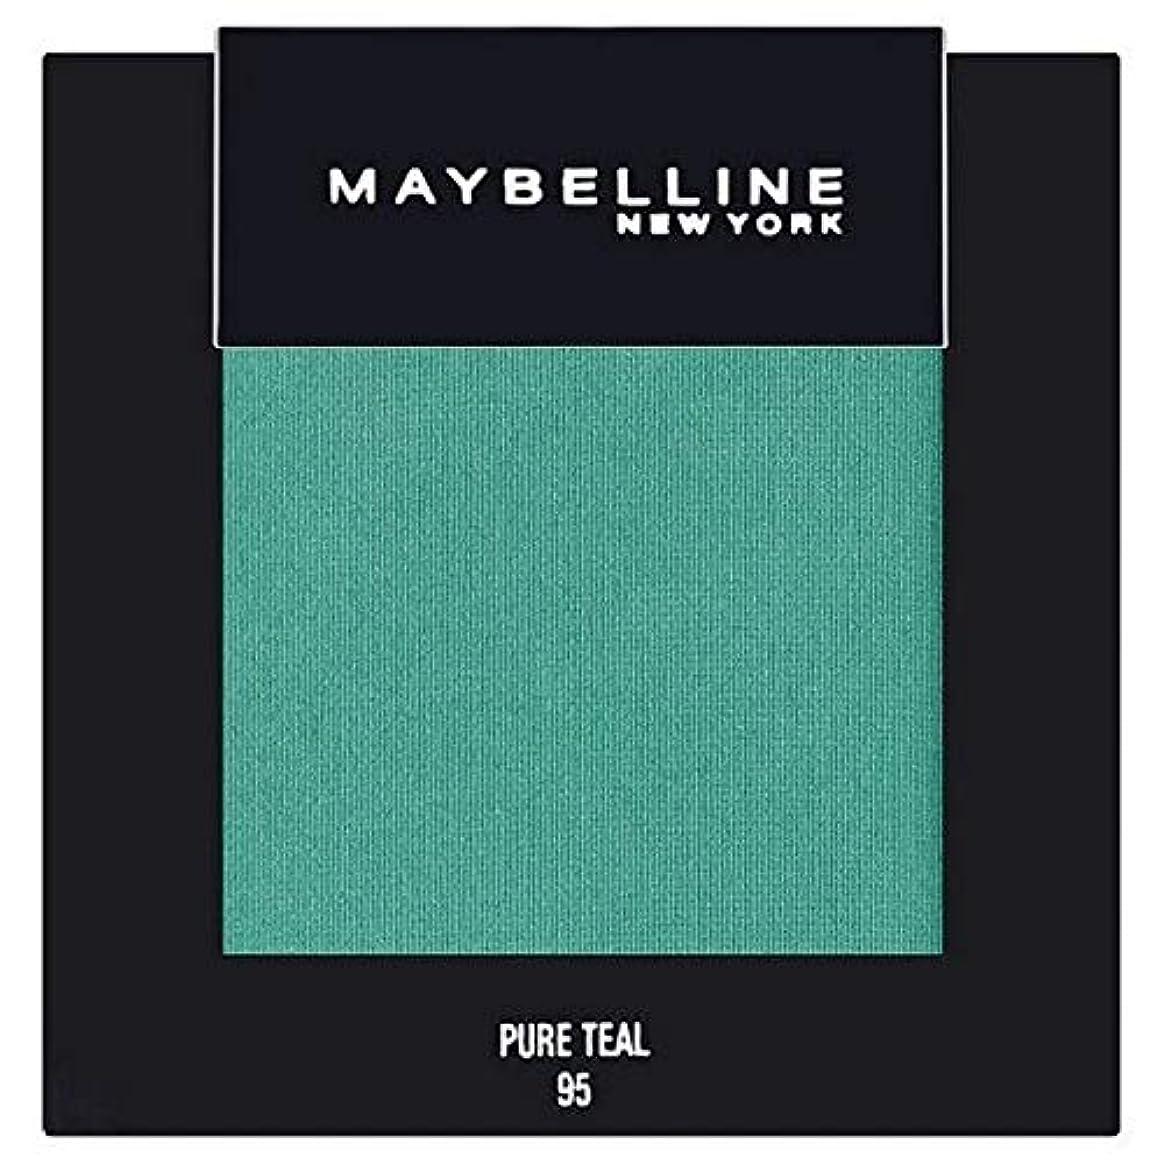 ビジネスベリ同志[Maybelline ] メイベリンカラーショー単一グリーンアイシャドウ95純粋ティール - Maybelline Color Show Single Green Eyeshadow 95 Pure Teal [並行輸入品]